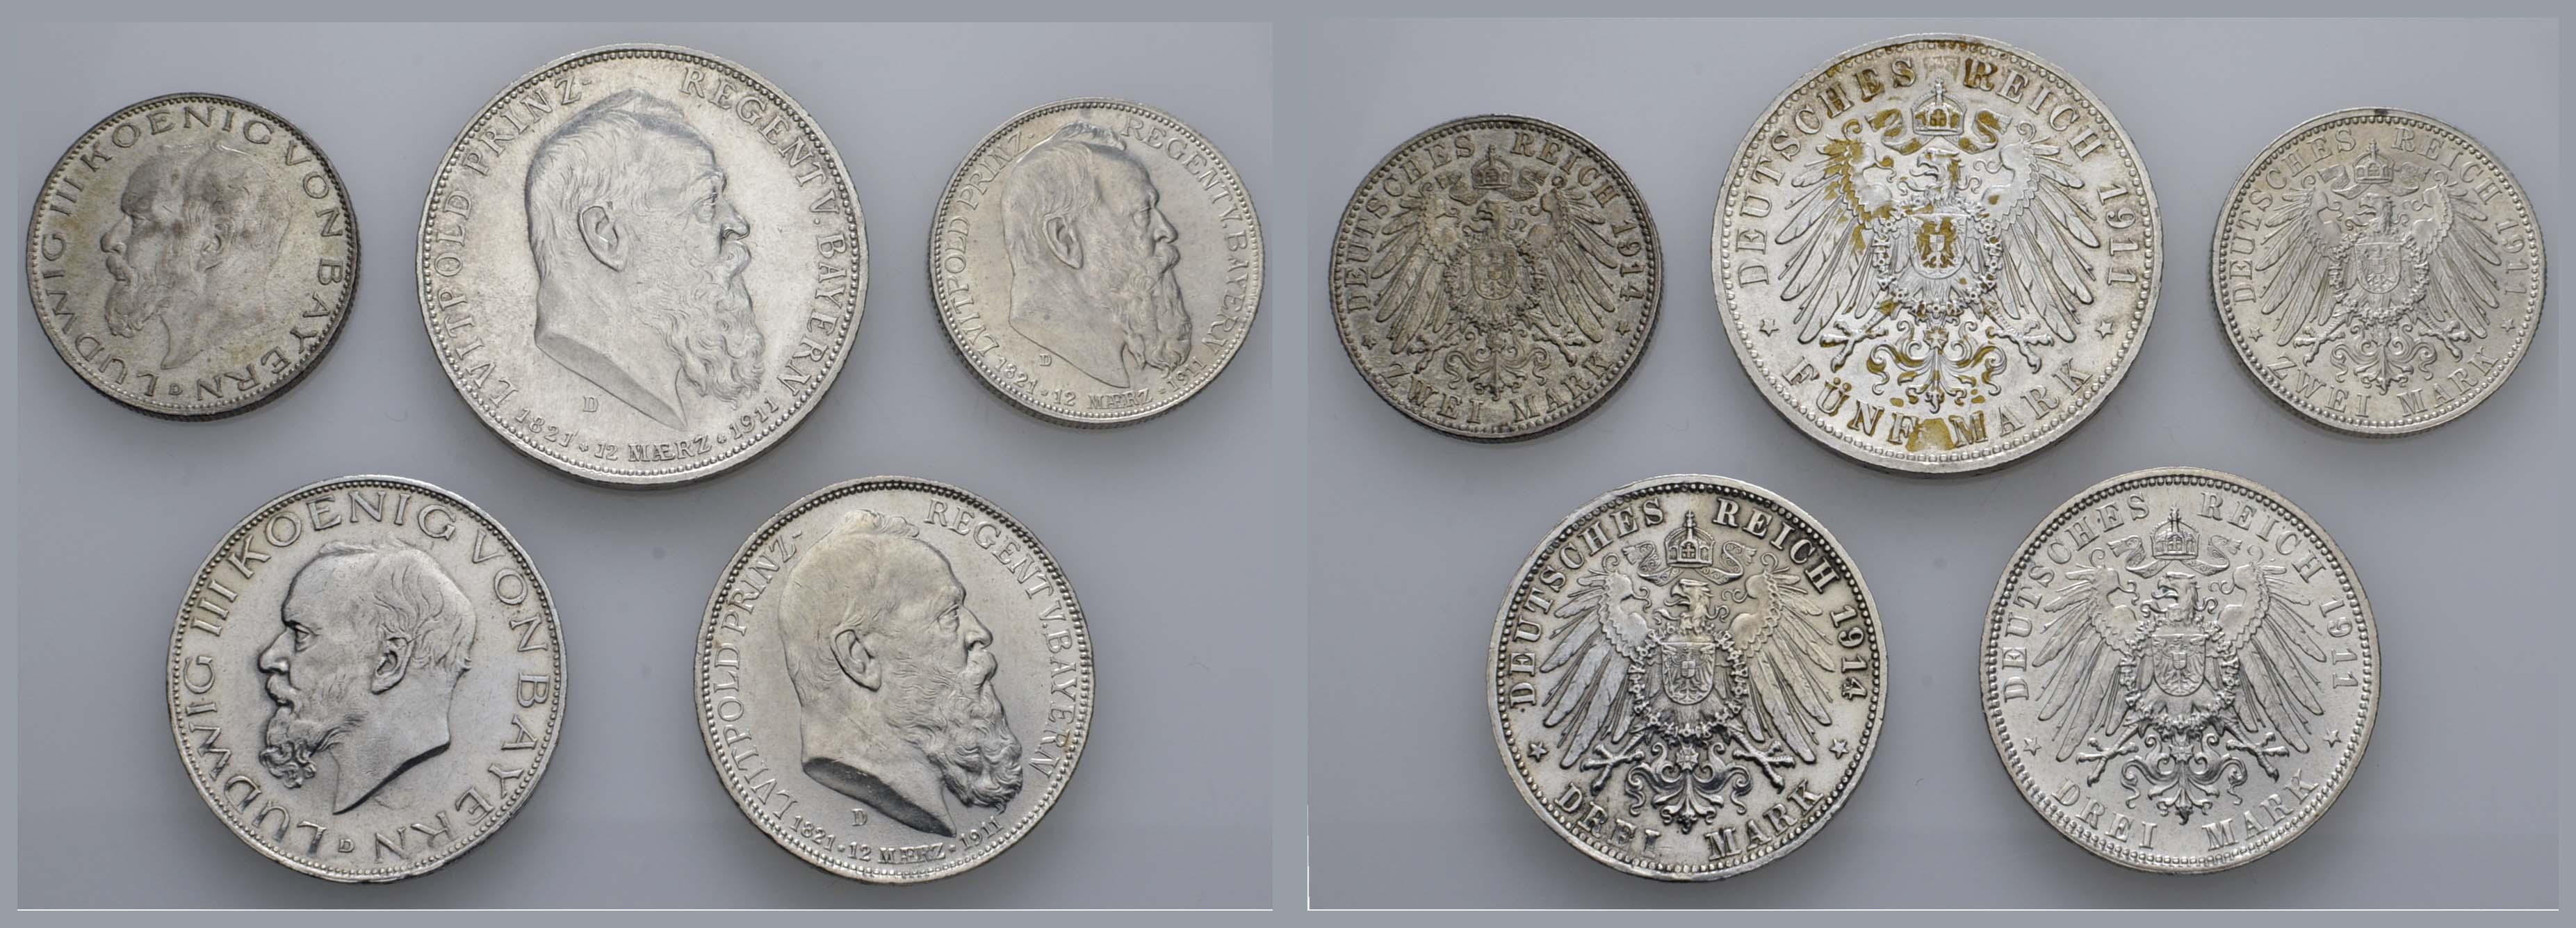 Lot 698 - deutschland Kaiserreich Silbermünzen - Bayern -  Auktionshaus Ulrich Felzmann GmbH & Co. KG Coins single lots